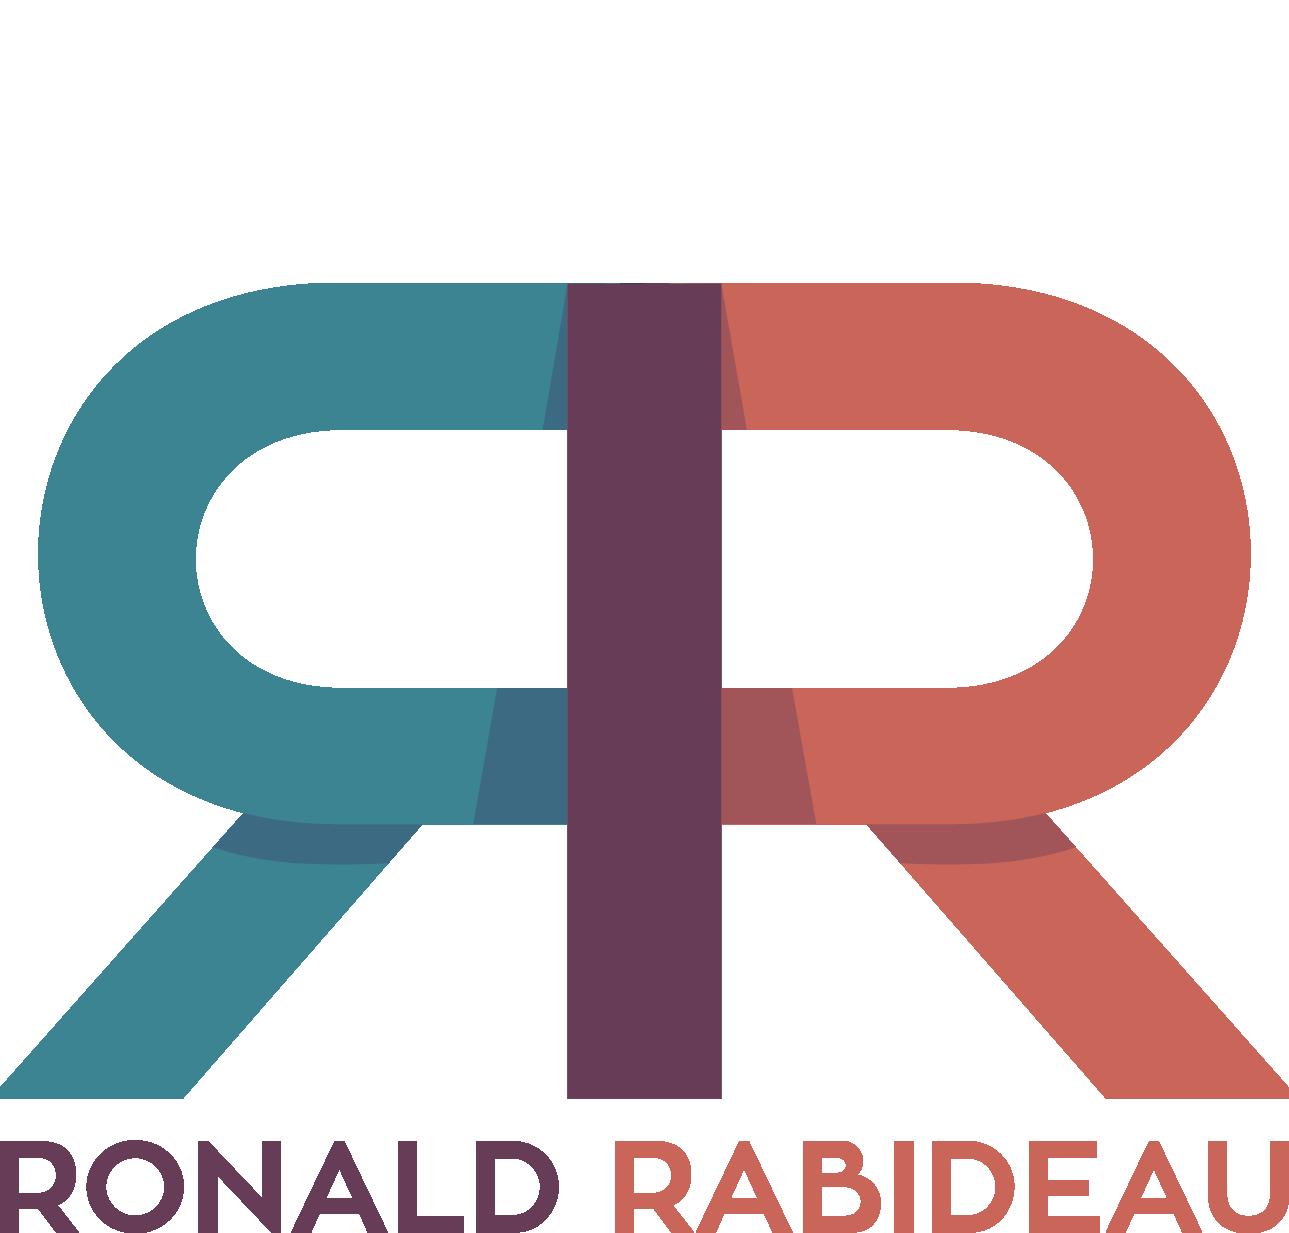 RONALD RABIDEAU